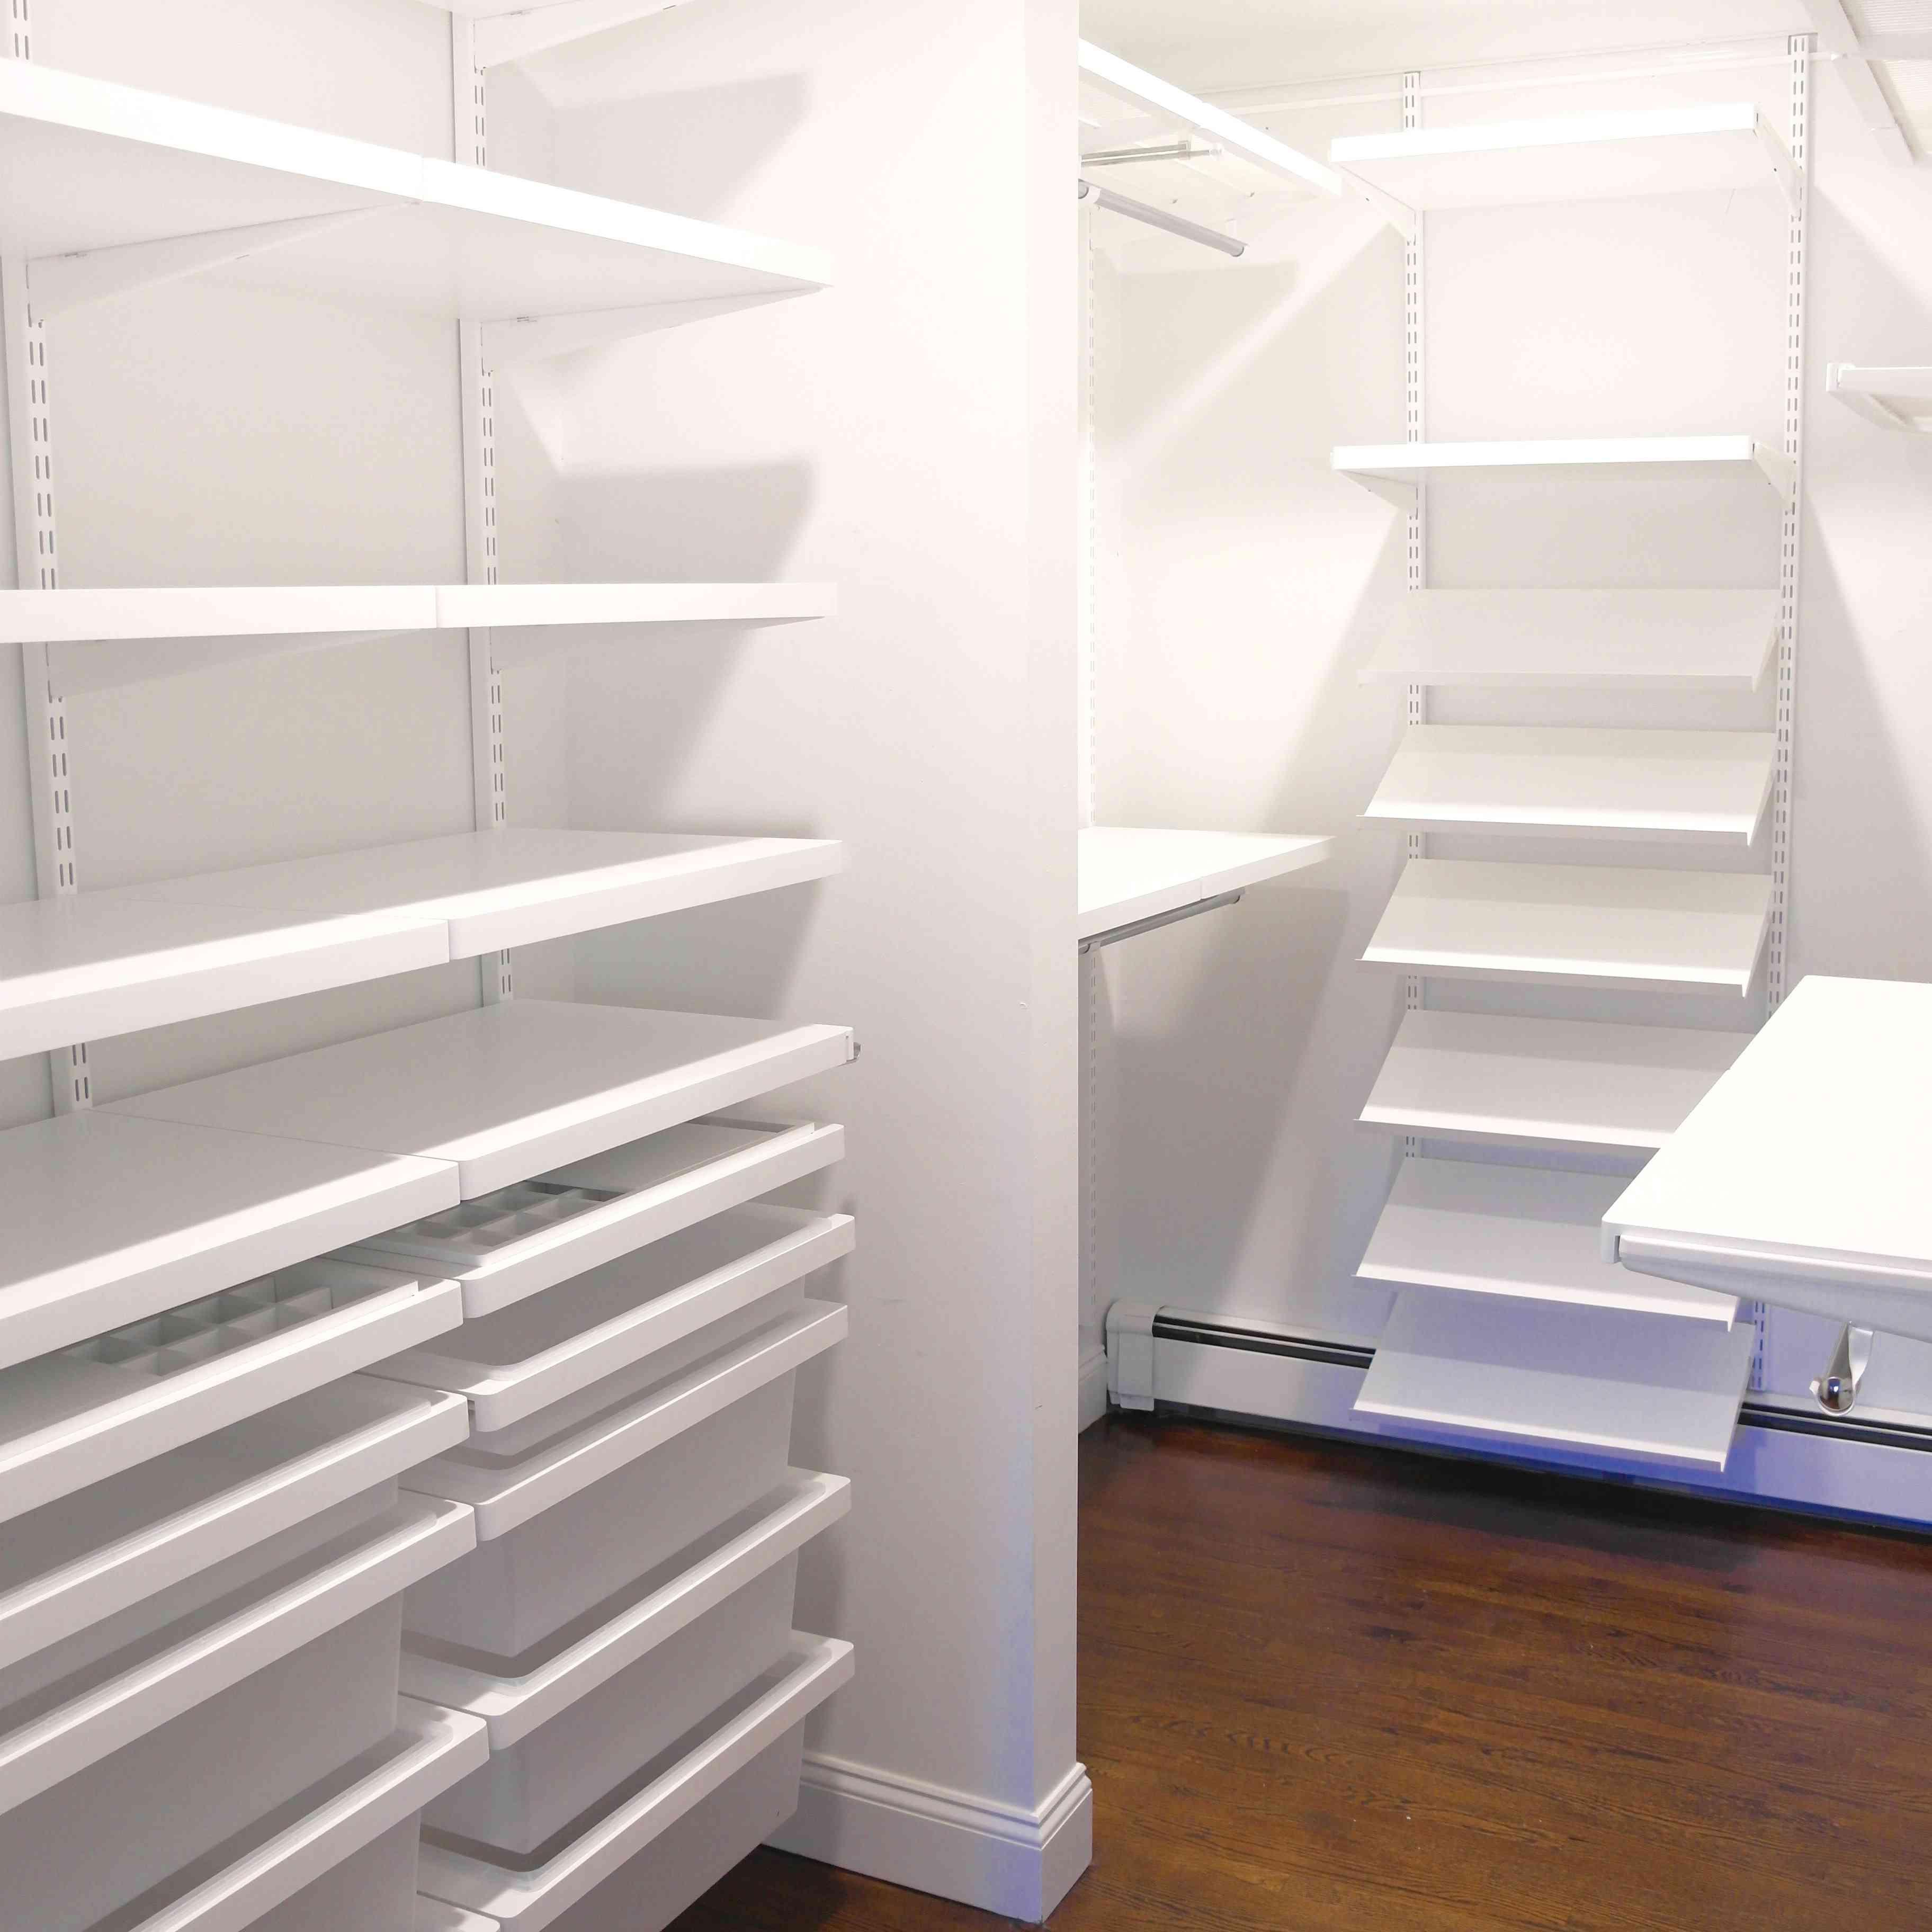 Sistema de armario organizado